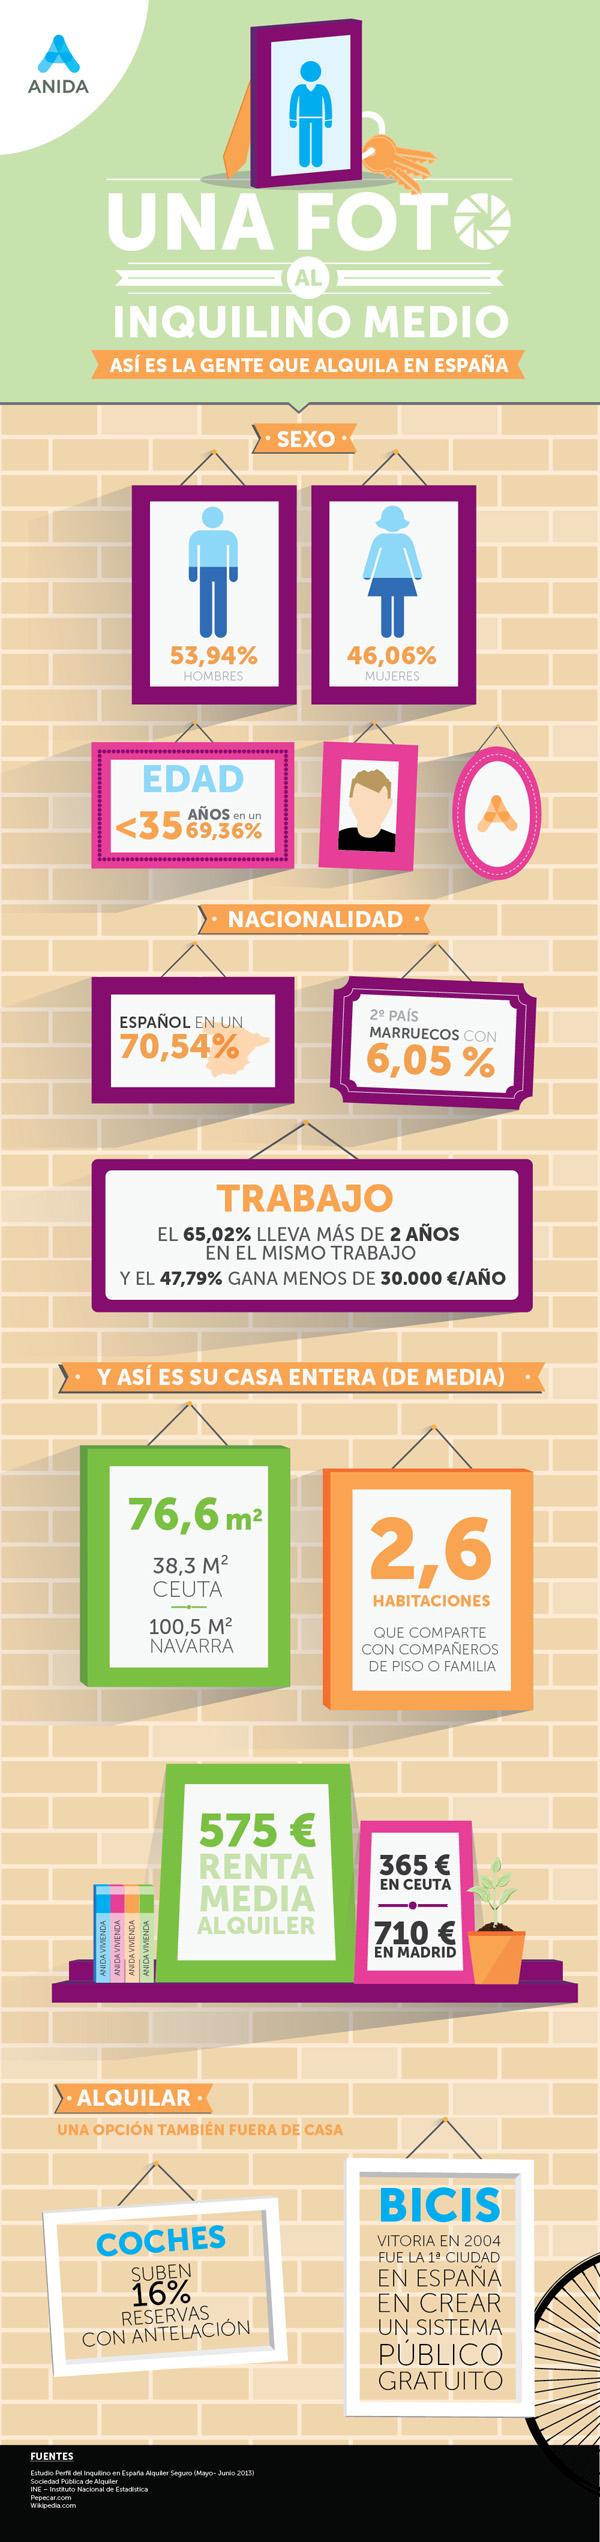 Perfil del inquilino de viviendas en España